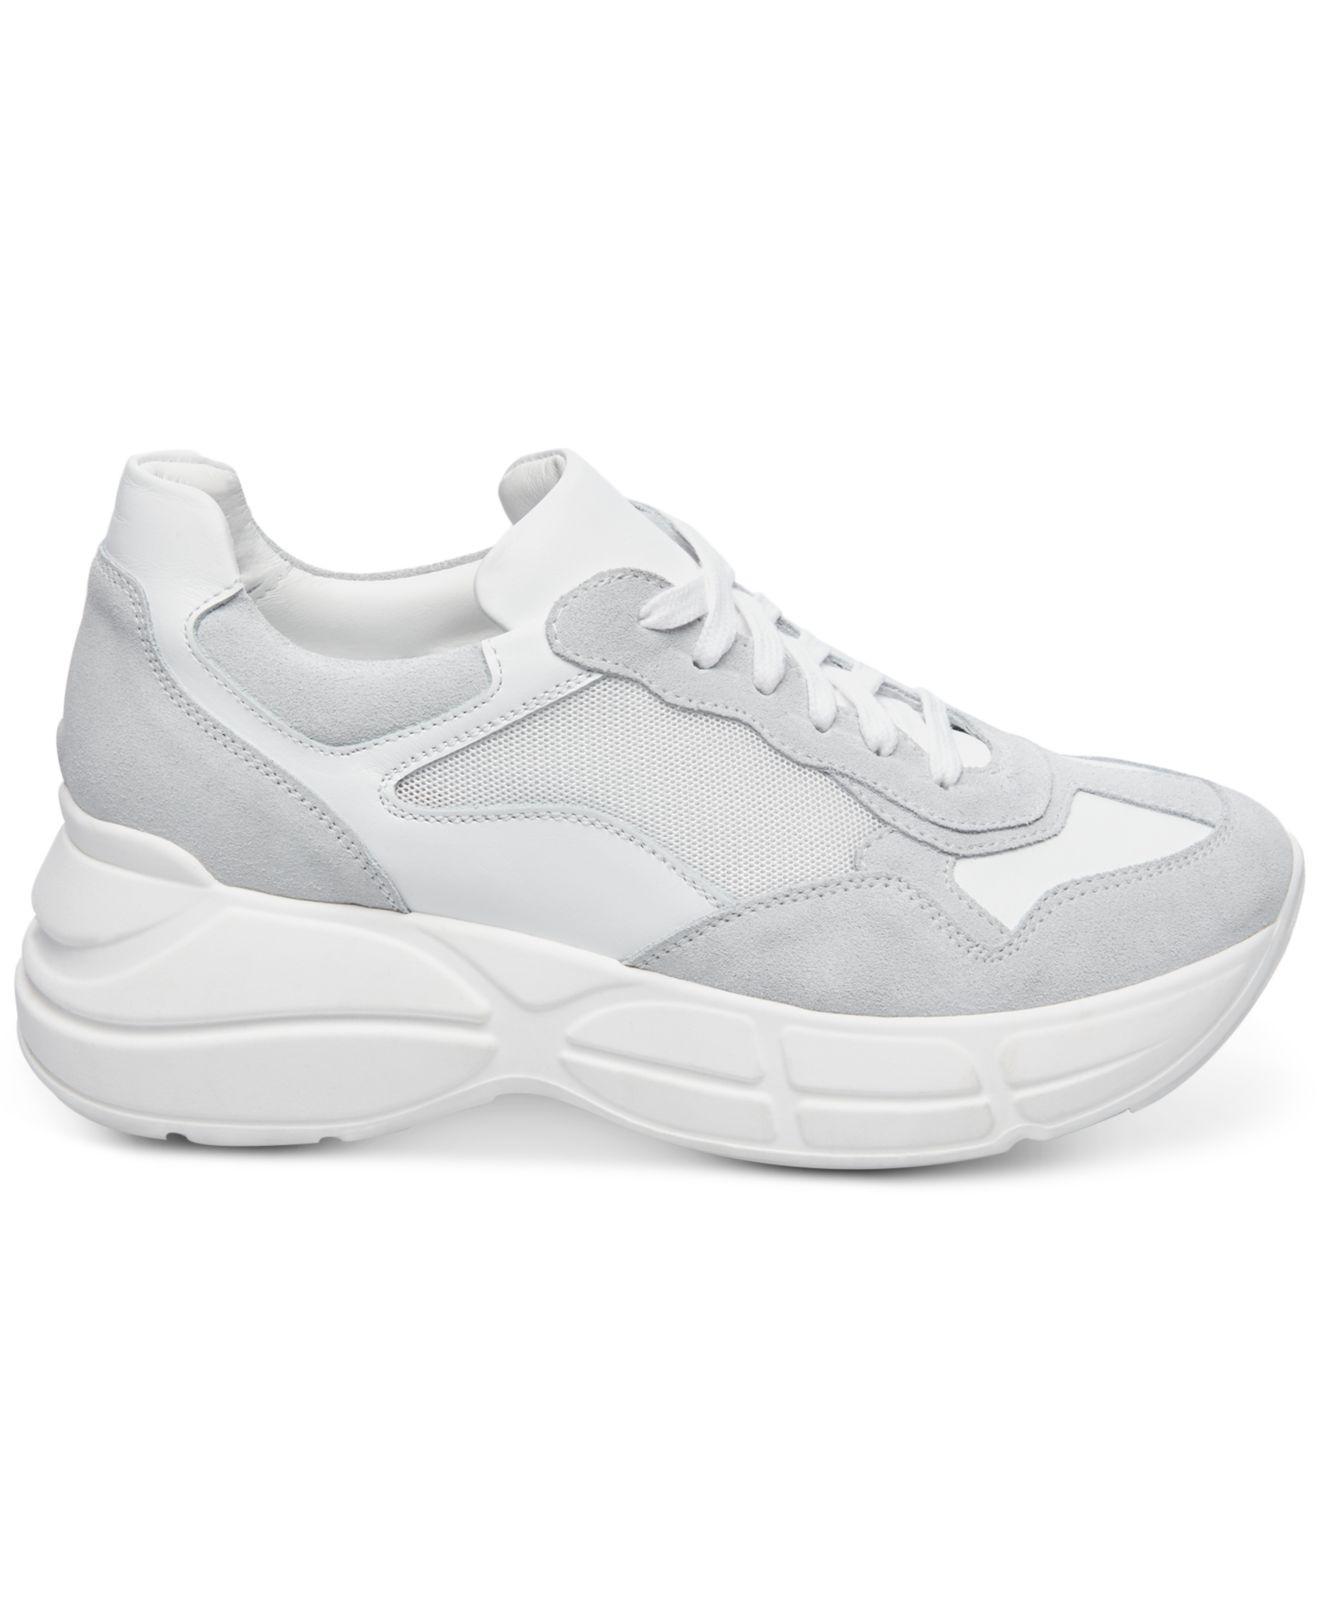 64a75b43885 Steve Madden Memory Platform Wedge Sneaker (women) in White - Lyst